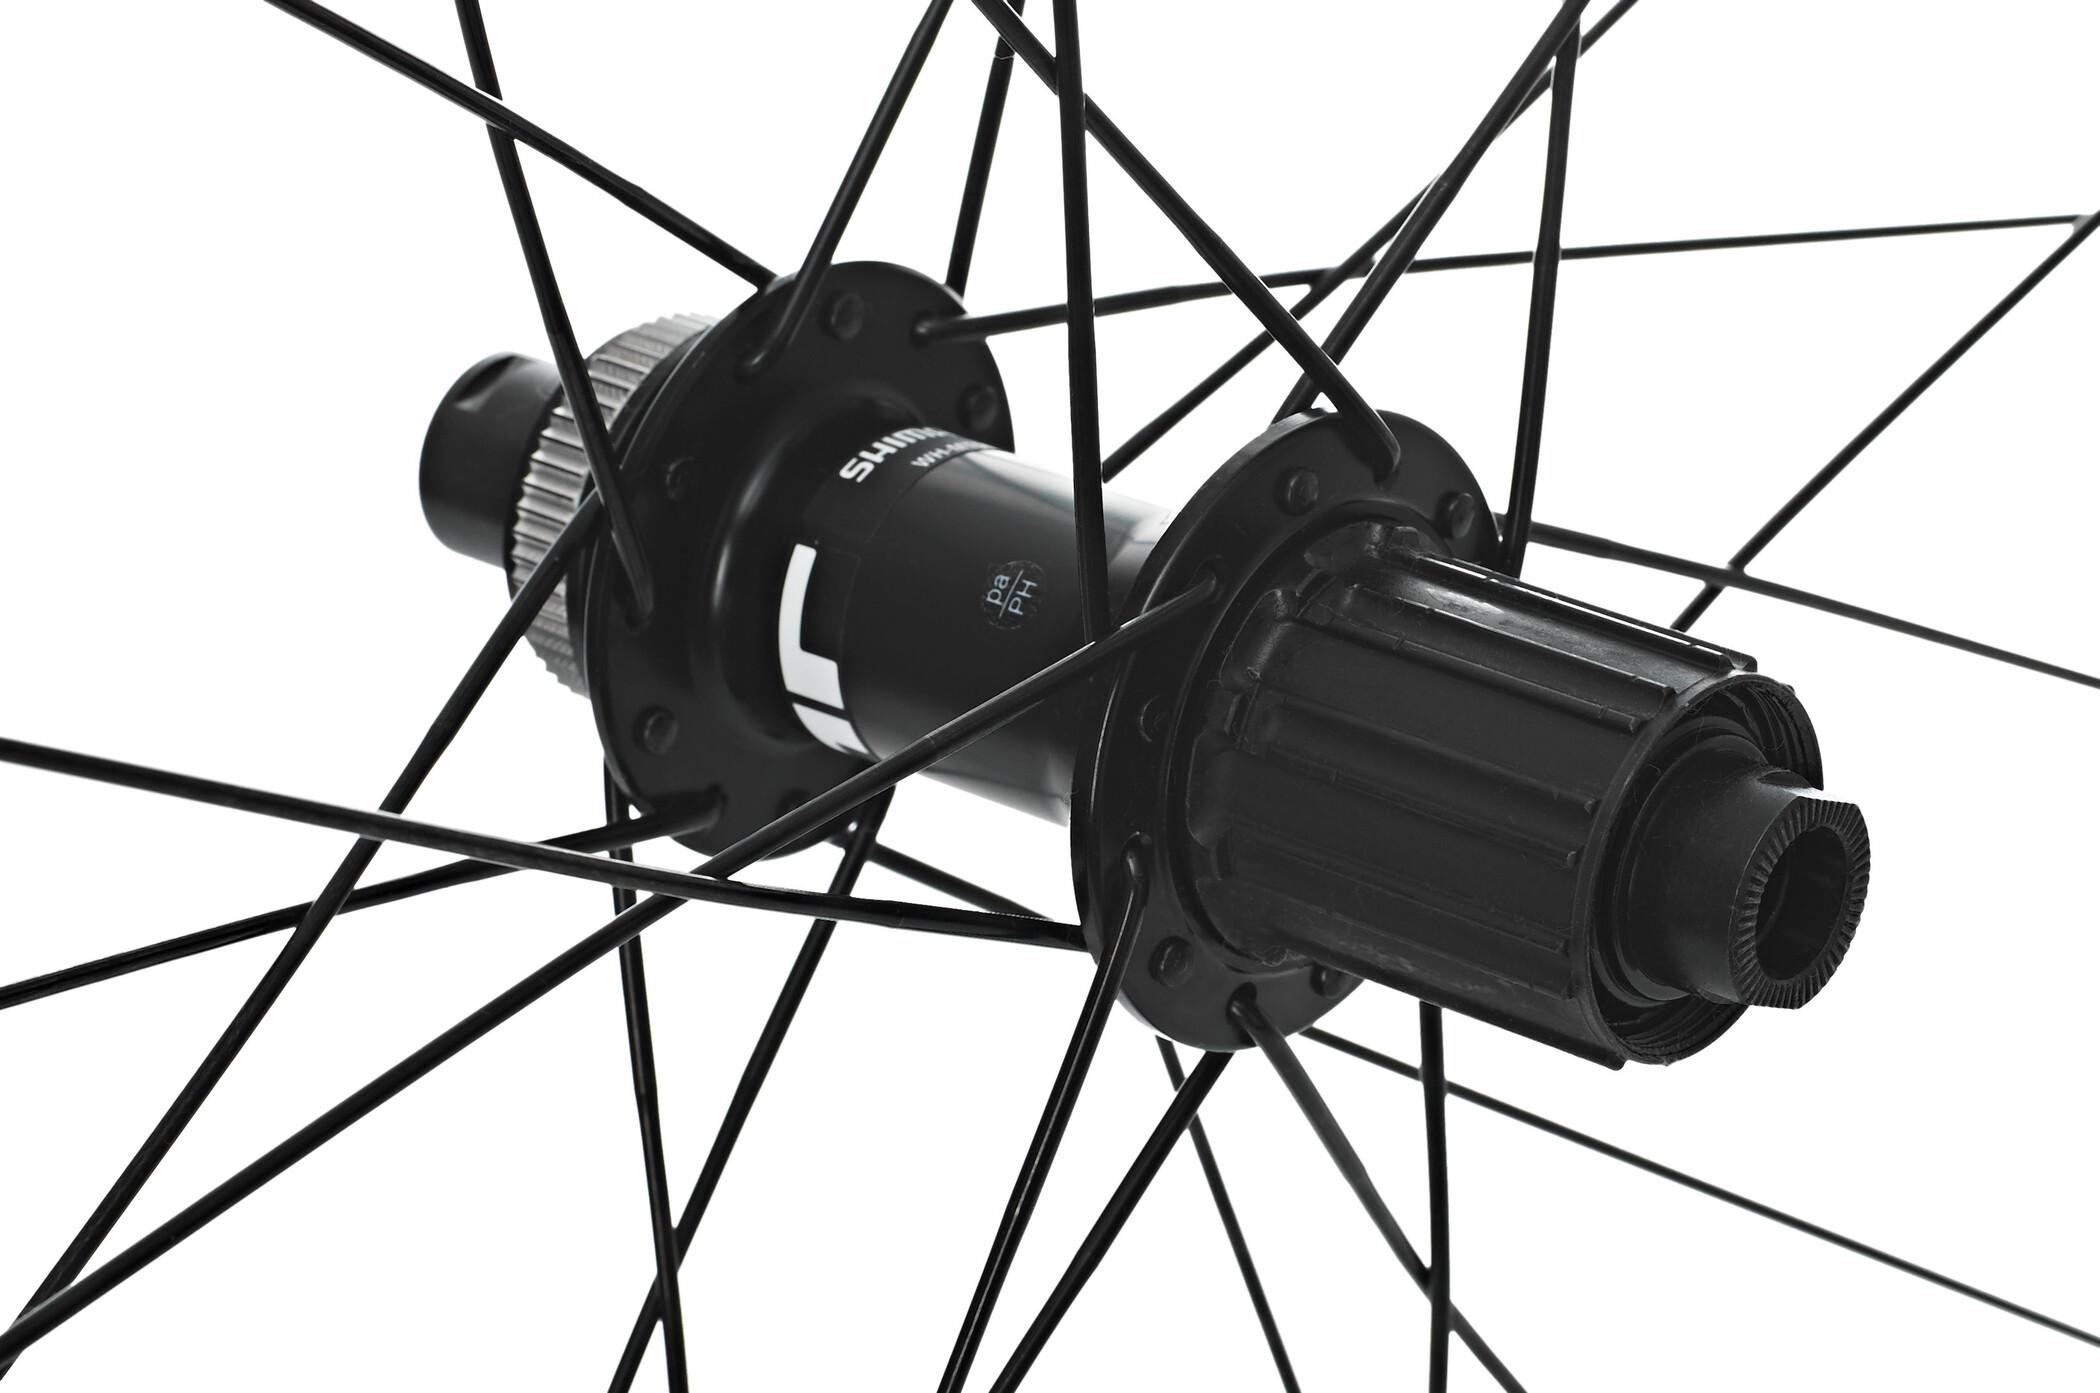 Shimano WH MT500 MTB Hinterrad 27,5 Disc CL Clincher QR